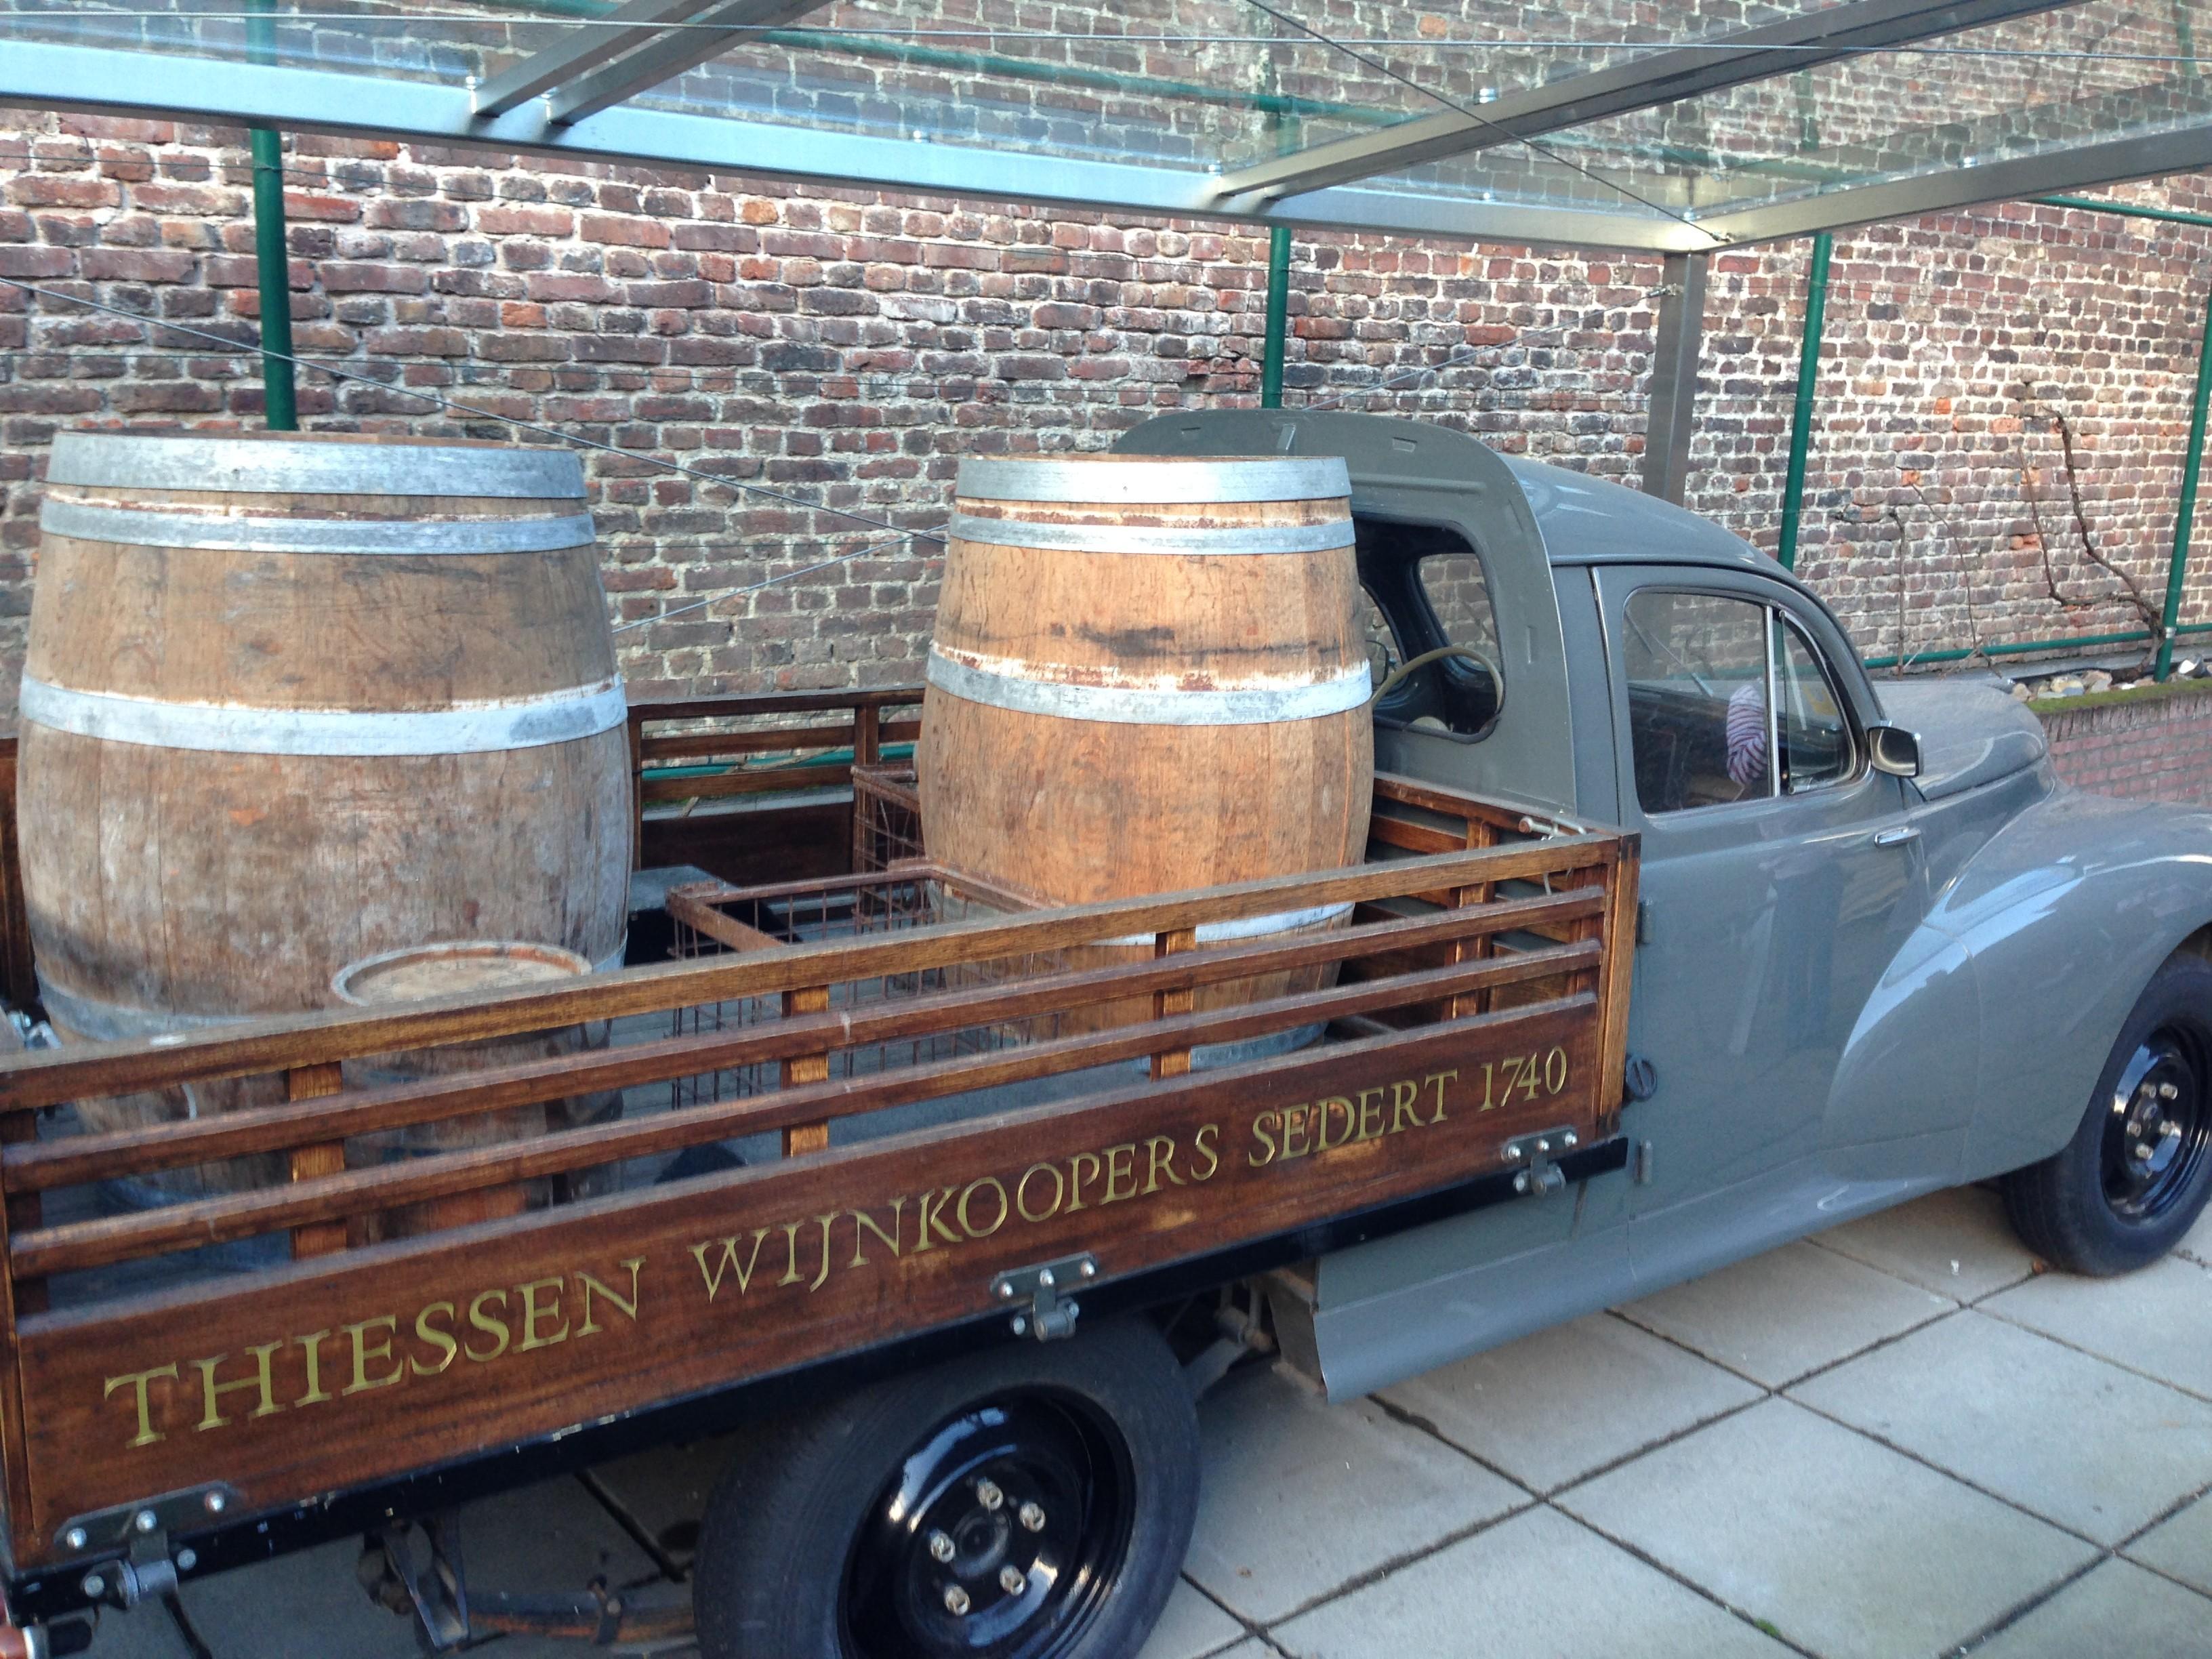 Je zintuigen prikkelen bij wijnhandel Thiessen in Maastricht